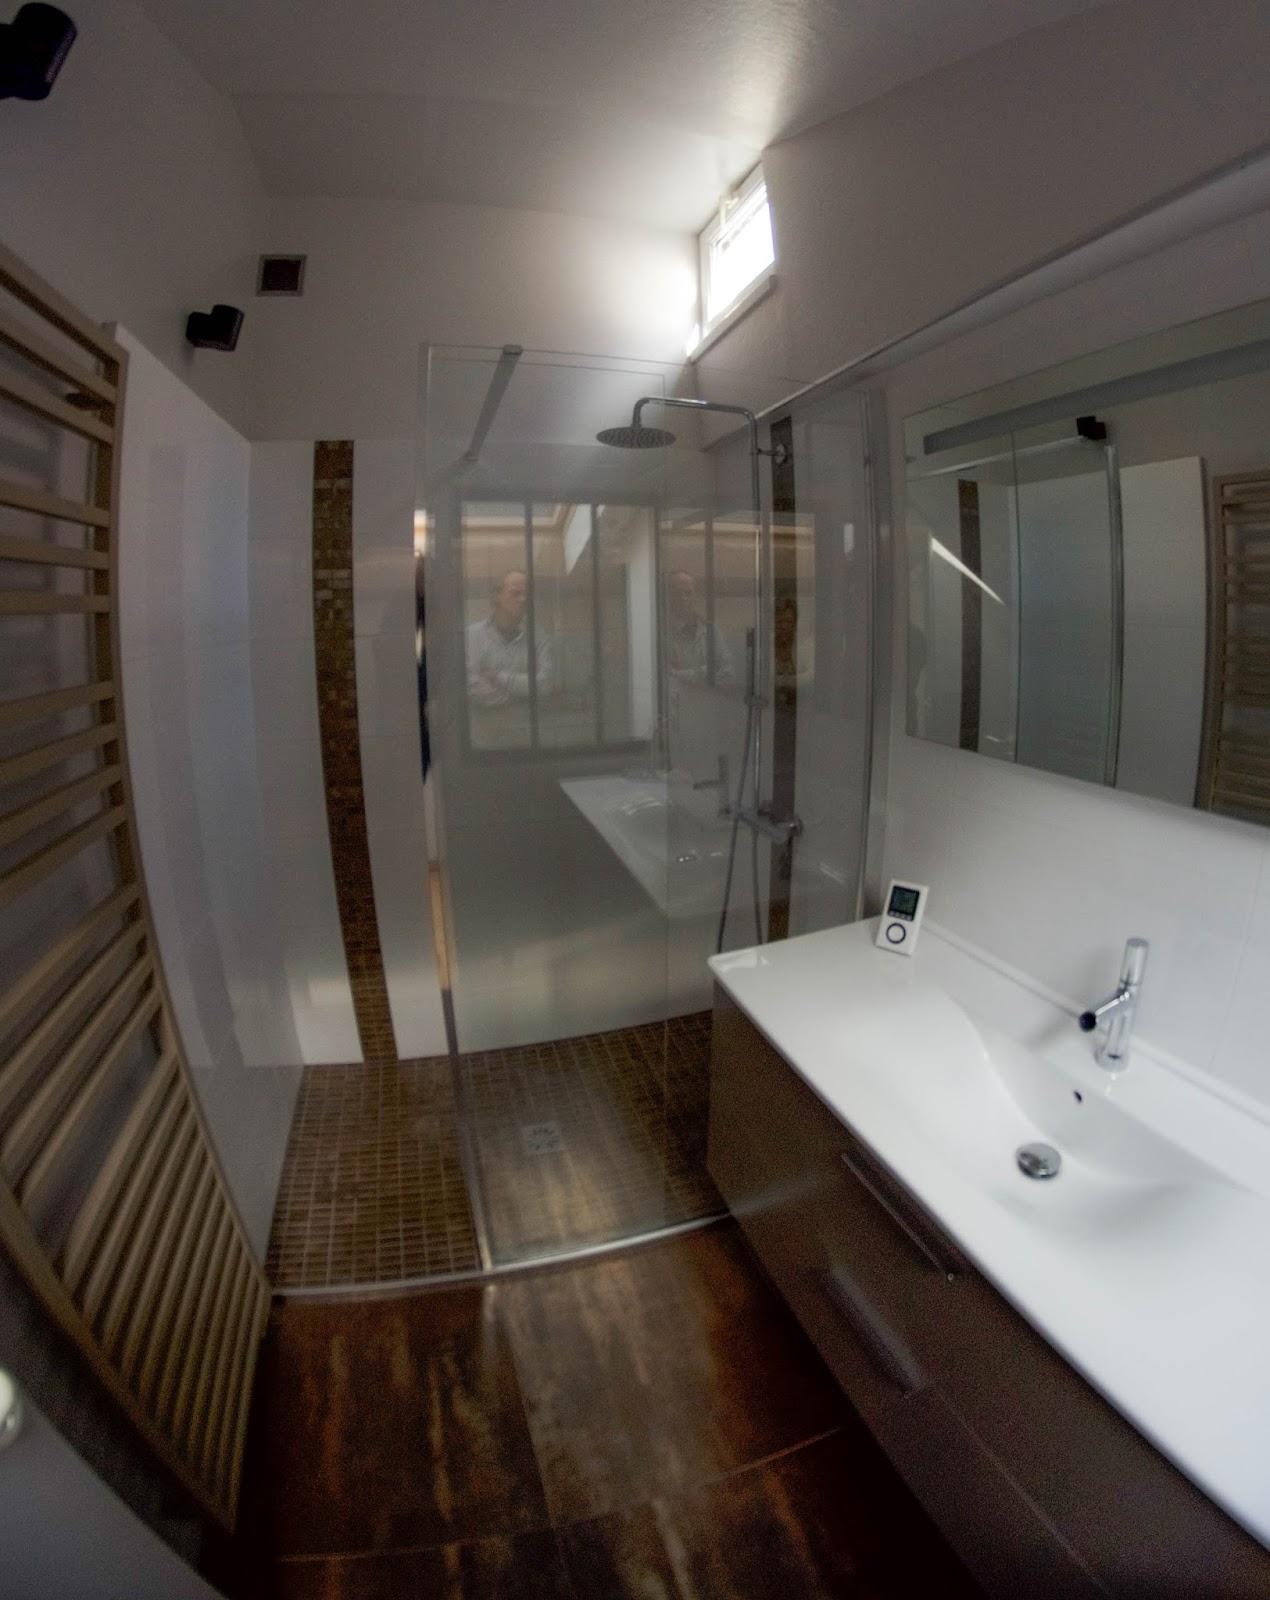 Architecte D Intérieur Auray rÉnovation d'une salle d'eau À auray